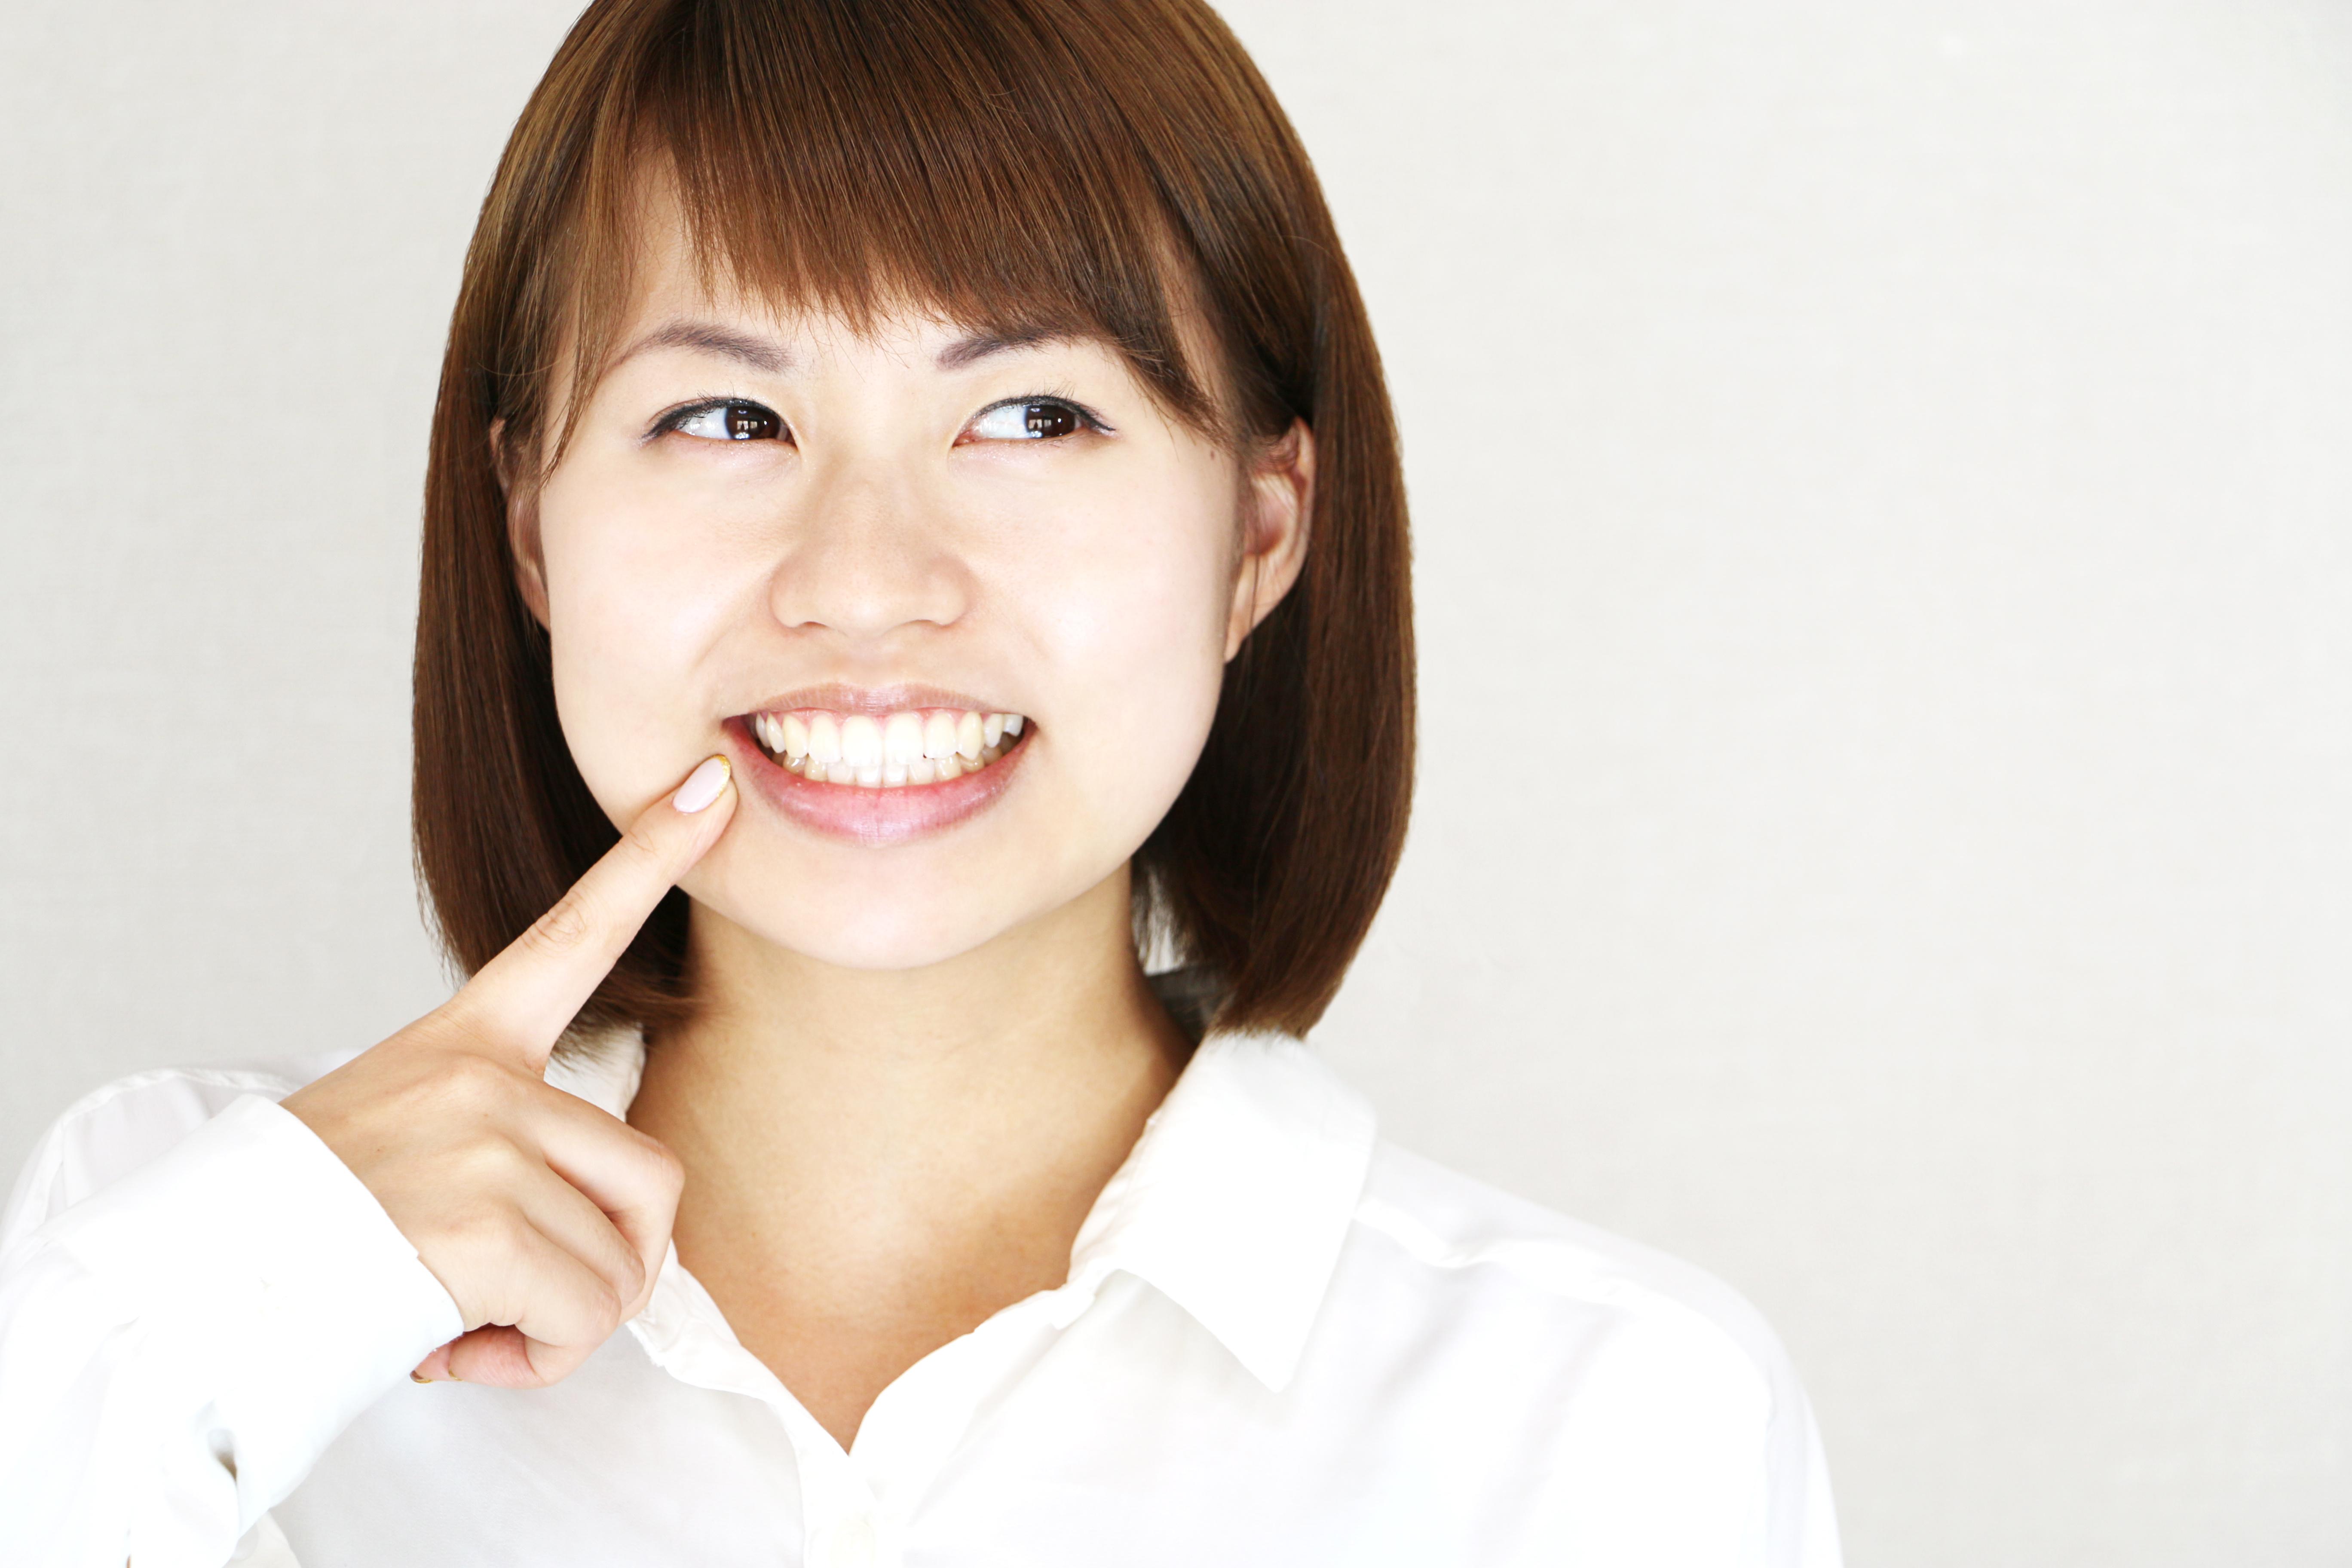 強度のある白い歯『ジルコニアクラウン』を奥歯に入れるメリット